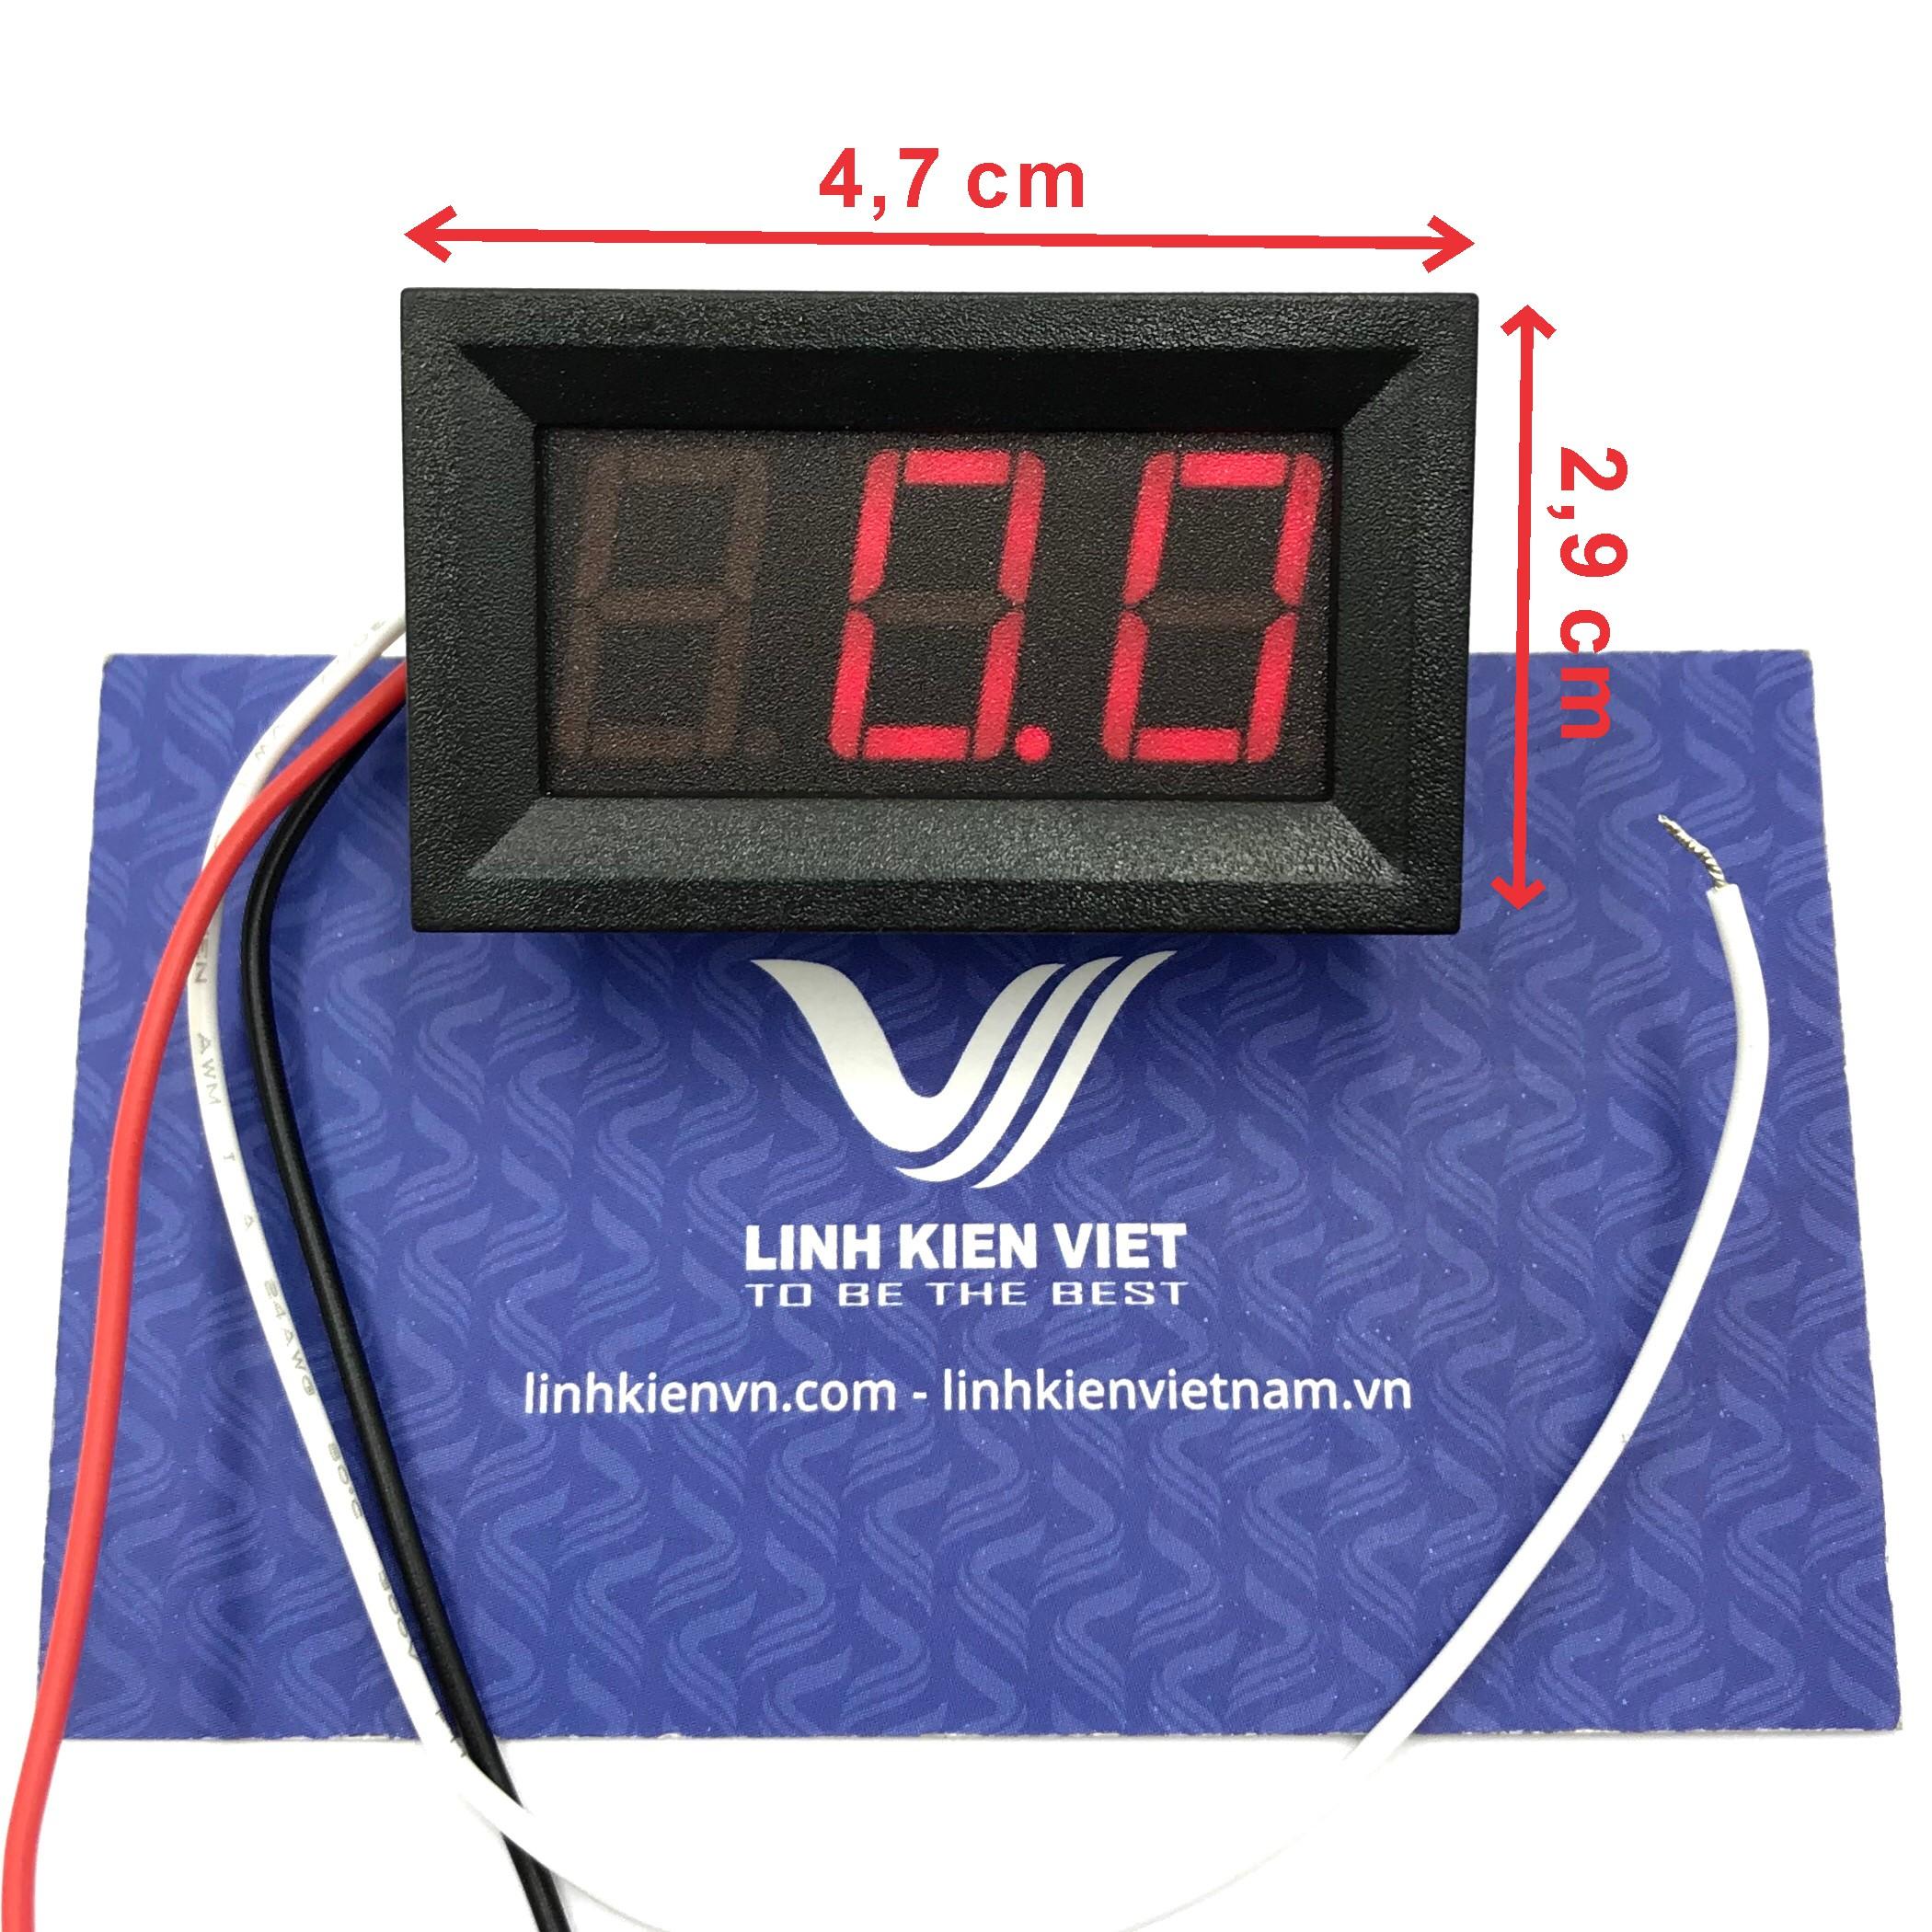 Module Đo Hiển Thị Điện Áp 0-99V bằng 3 dây V27D-3P-1.1 / S5H12